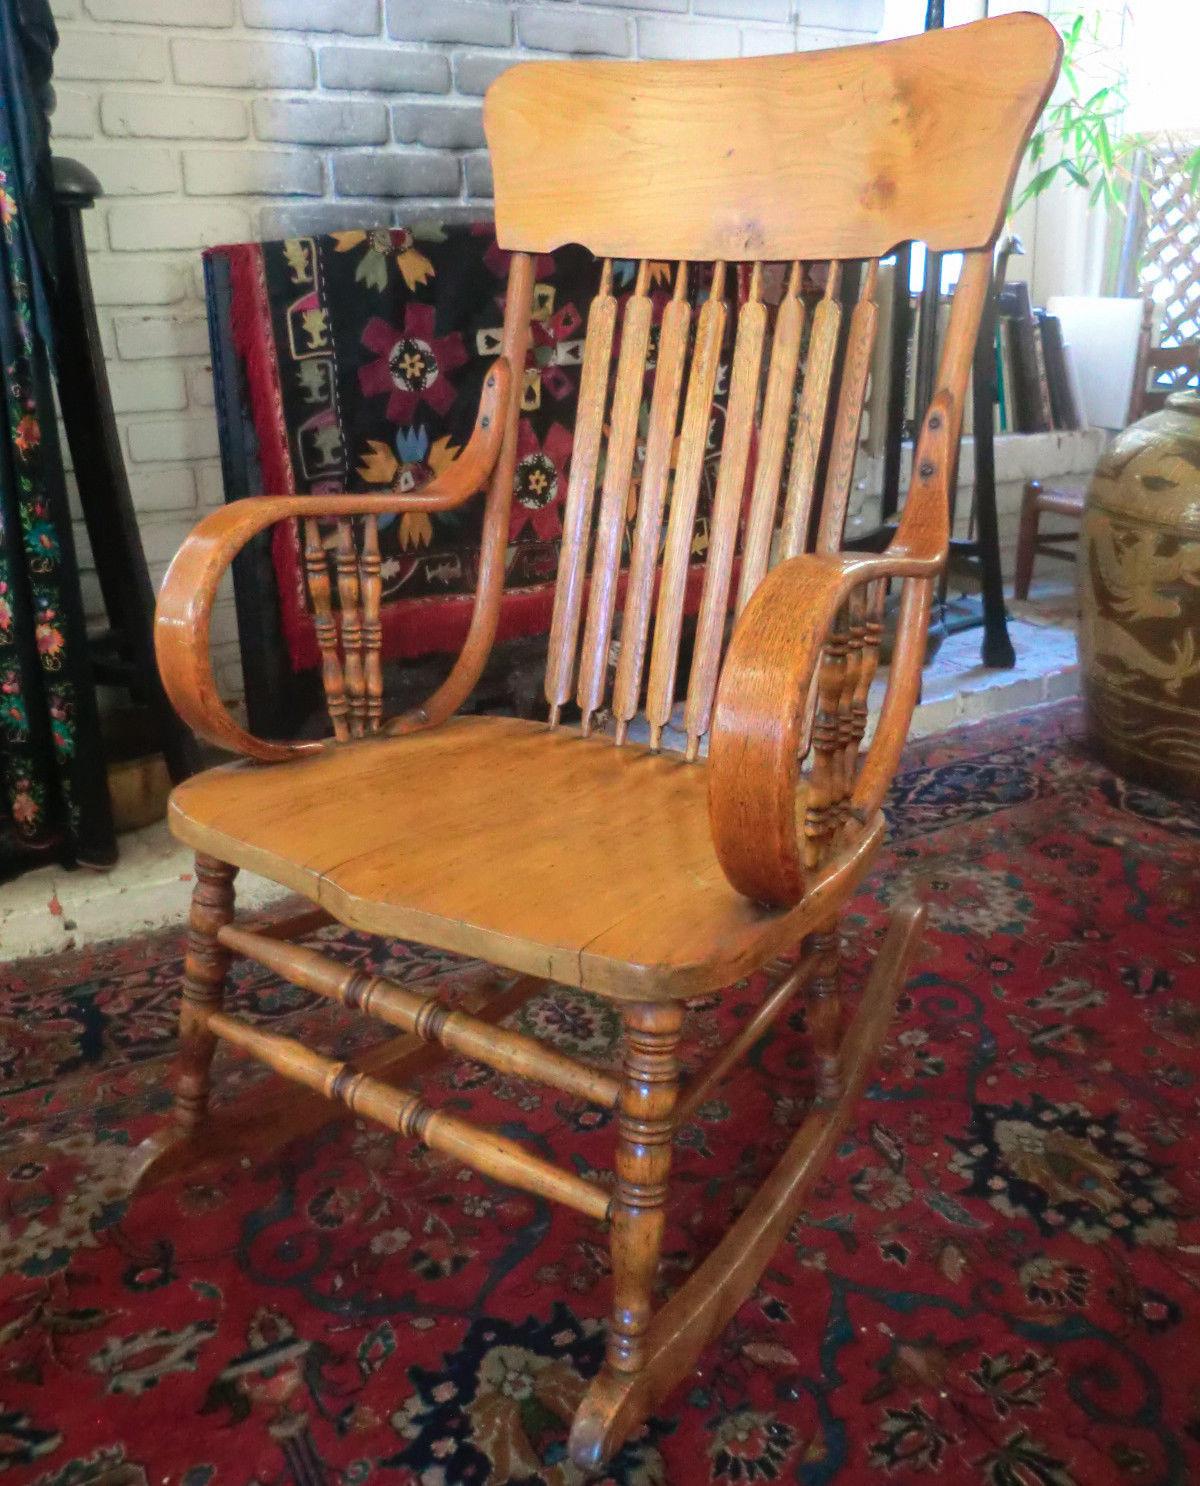 Antique Oak Bentwood Rocker / Rocking Chair - 1800-1899